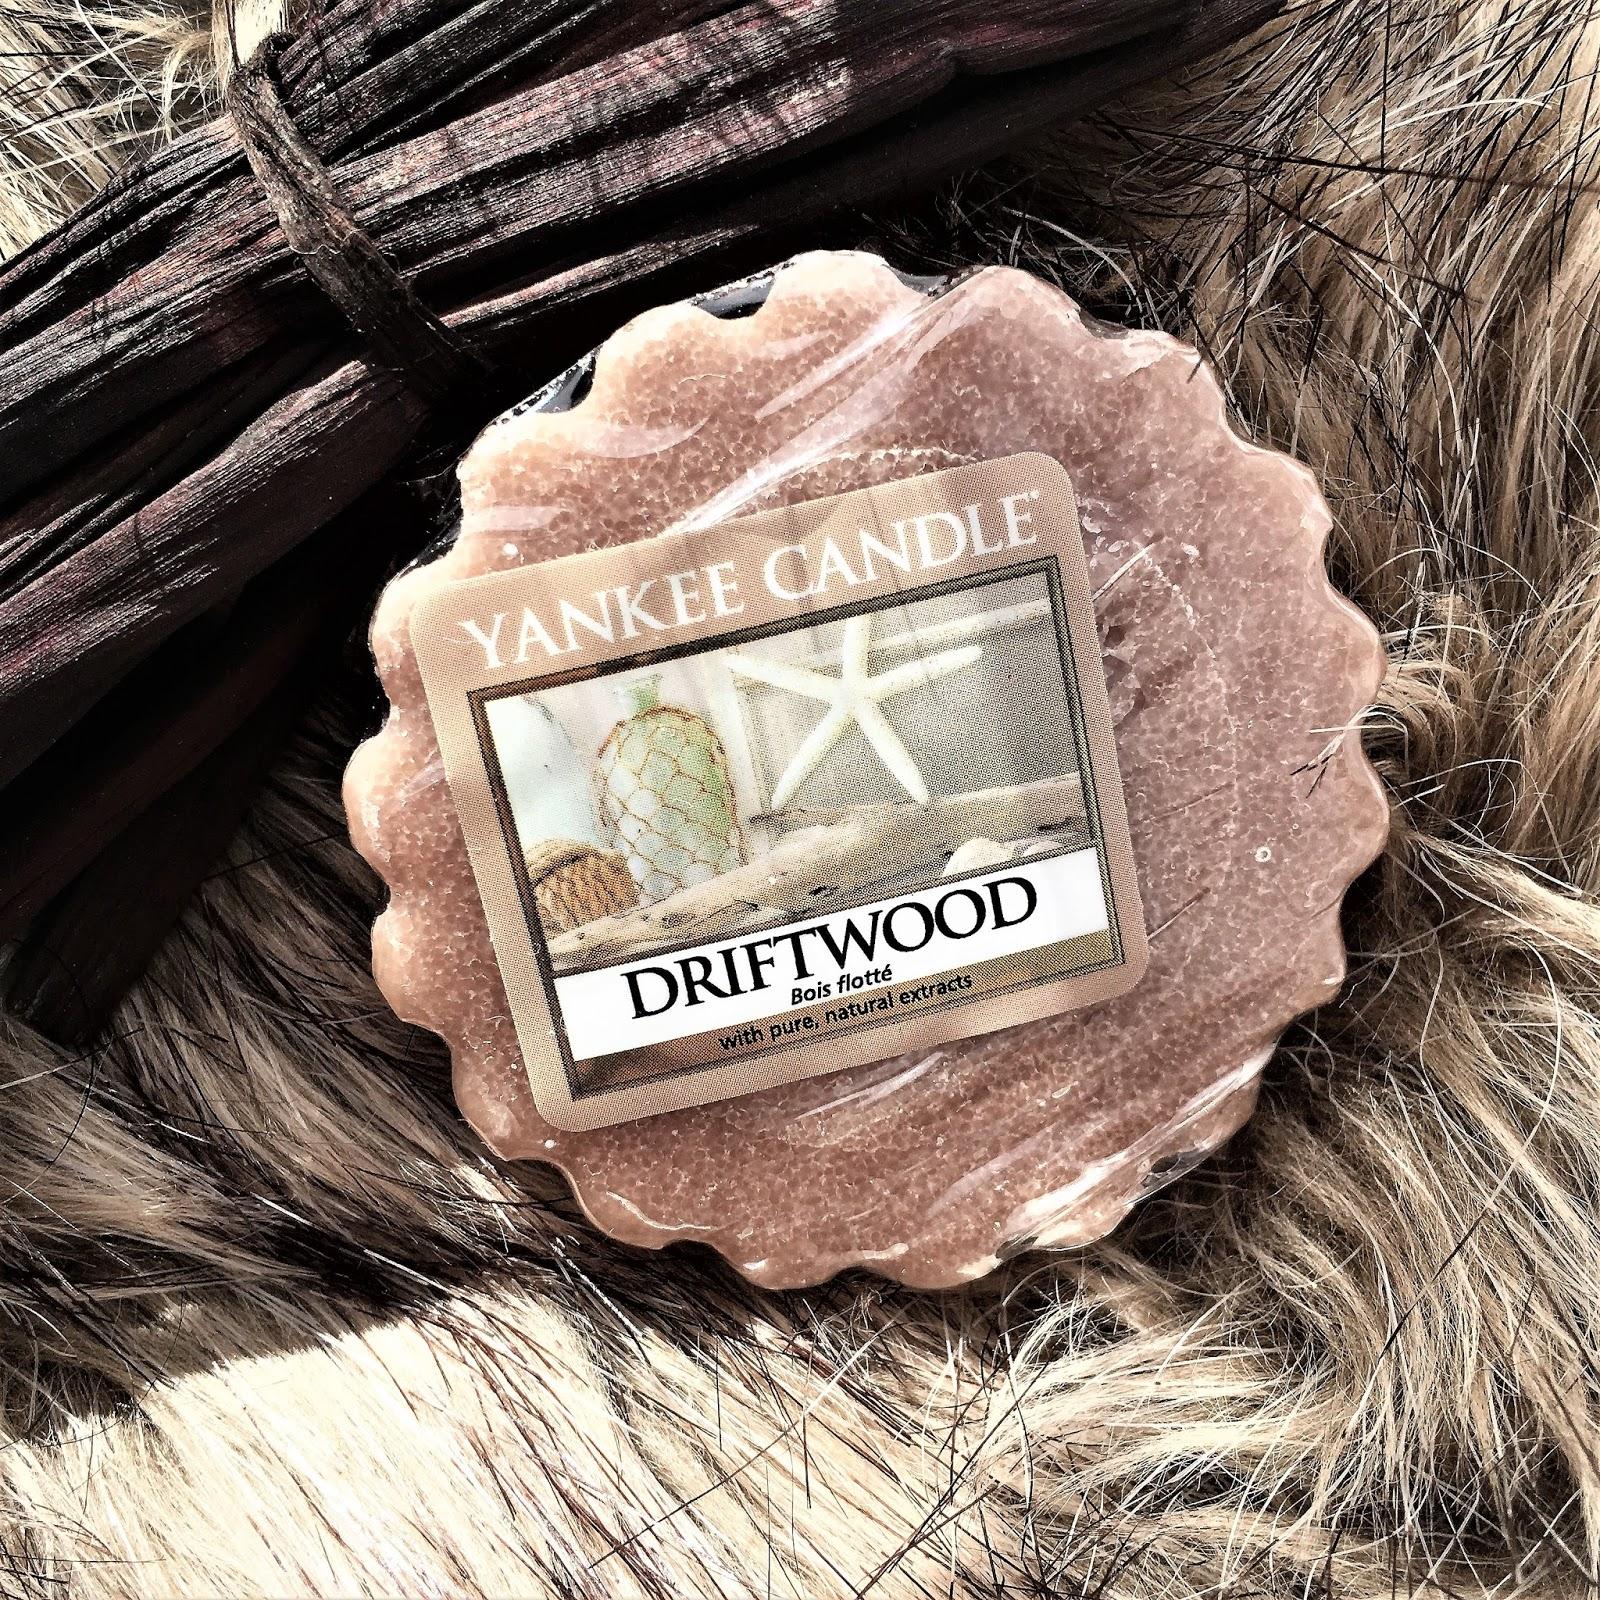 Driftwood - zapach z kolekcji letniej Yankee Candle